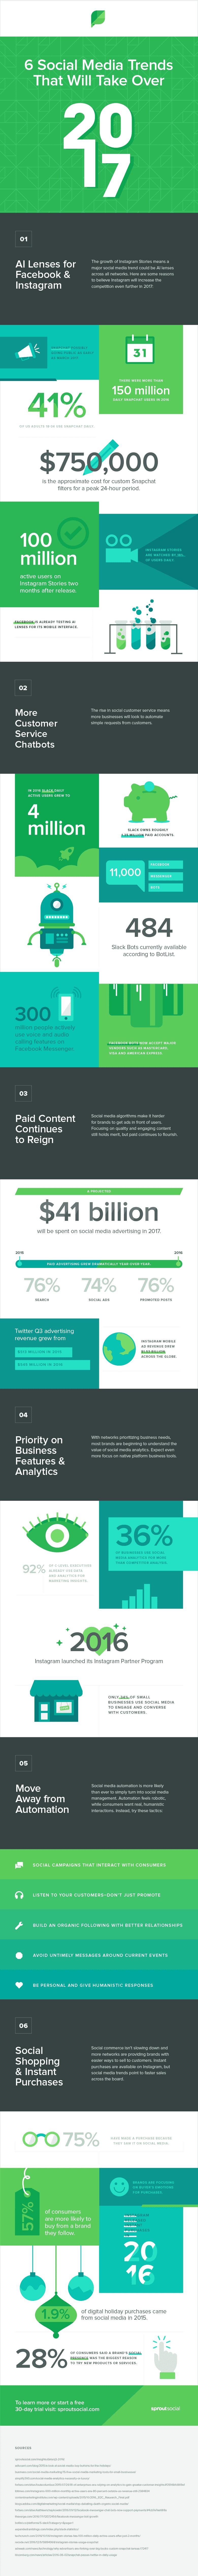 Infographie: les 6 nouvelles tendances réseaux sociaux pour 2017